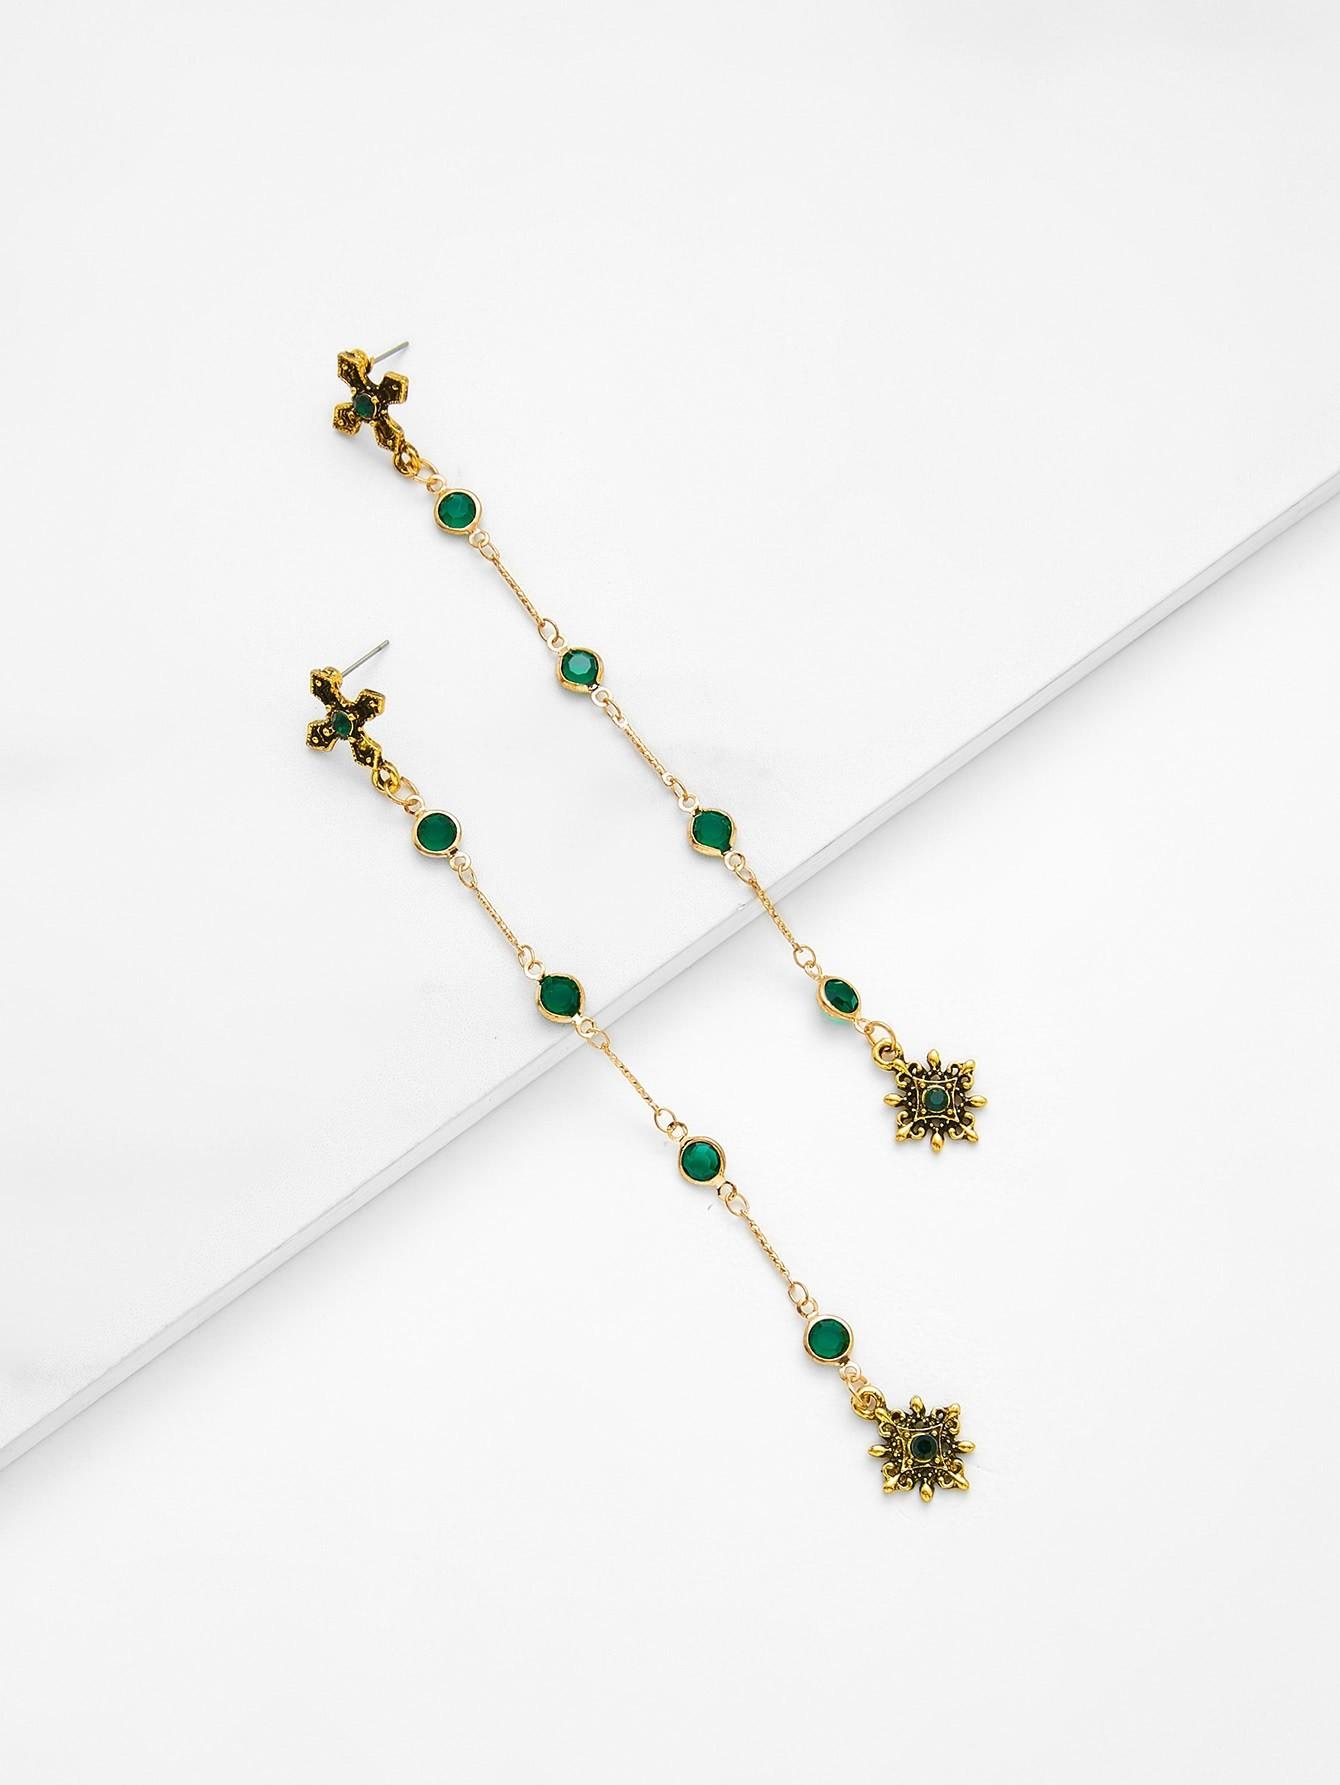 Cross Top Drop Earrings With Rhinestone two tone cross design drop earrings